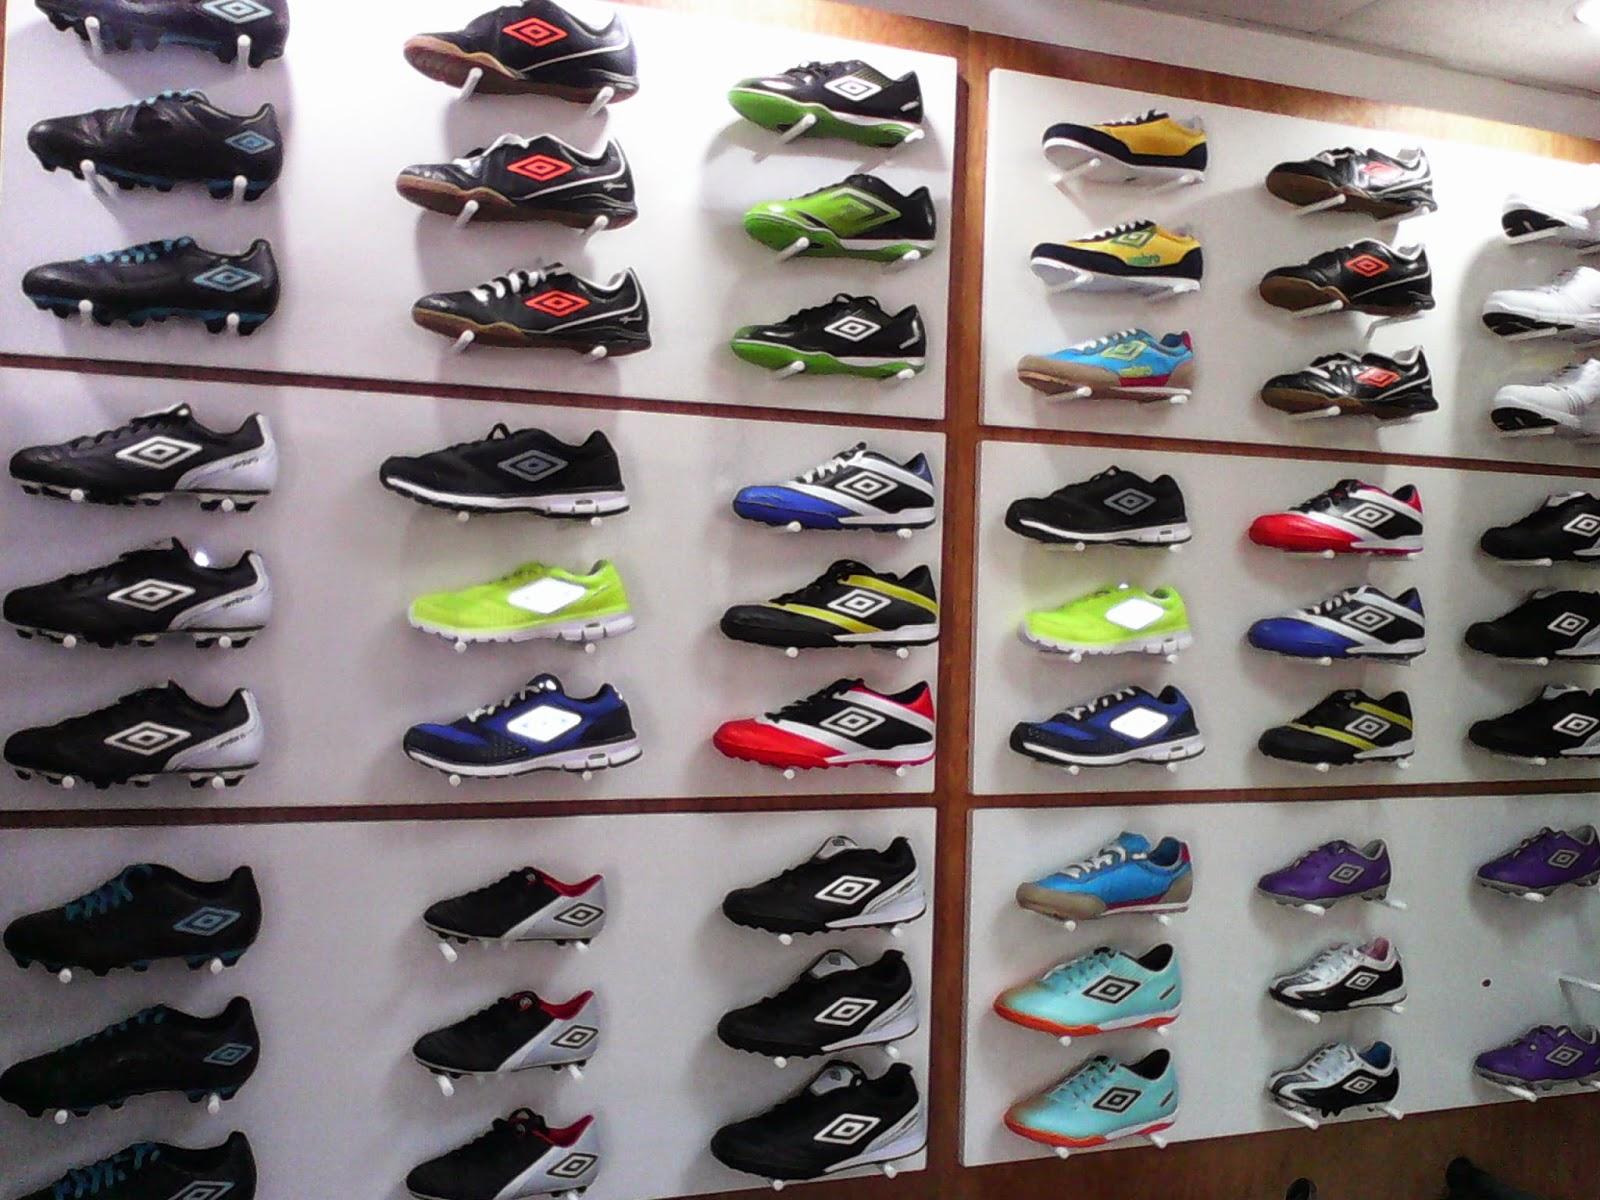 81cae8e2c8d5b Compre 2 APAGADO EN CUALQUIER CASO zapatos de futbol tienda Y ...